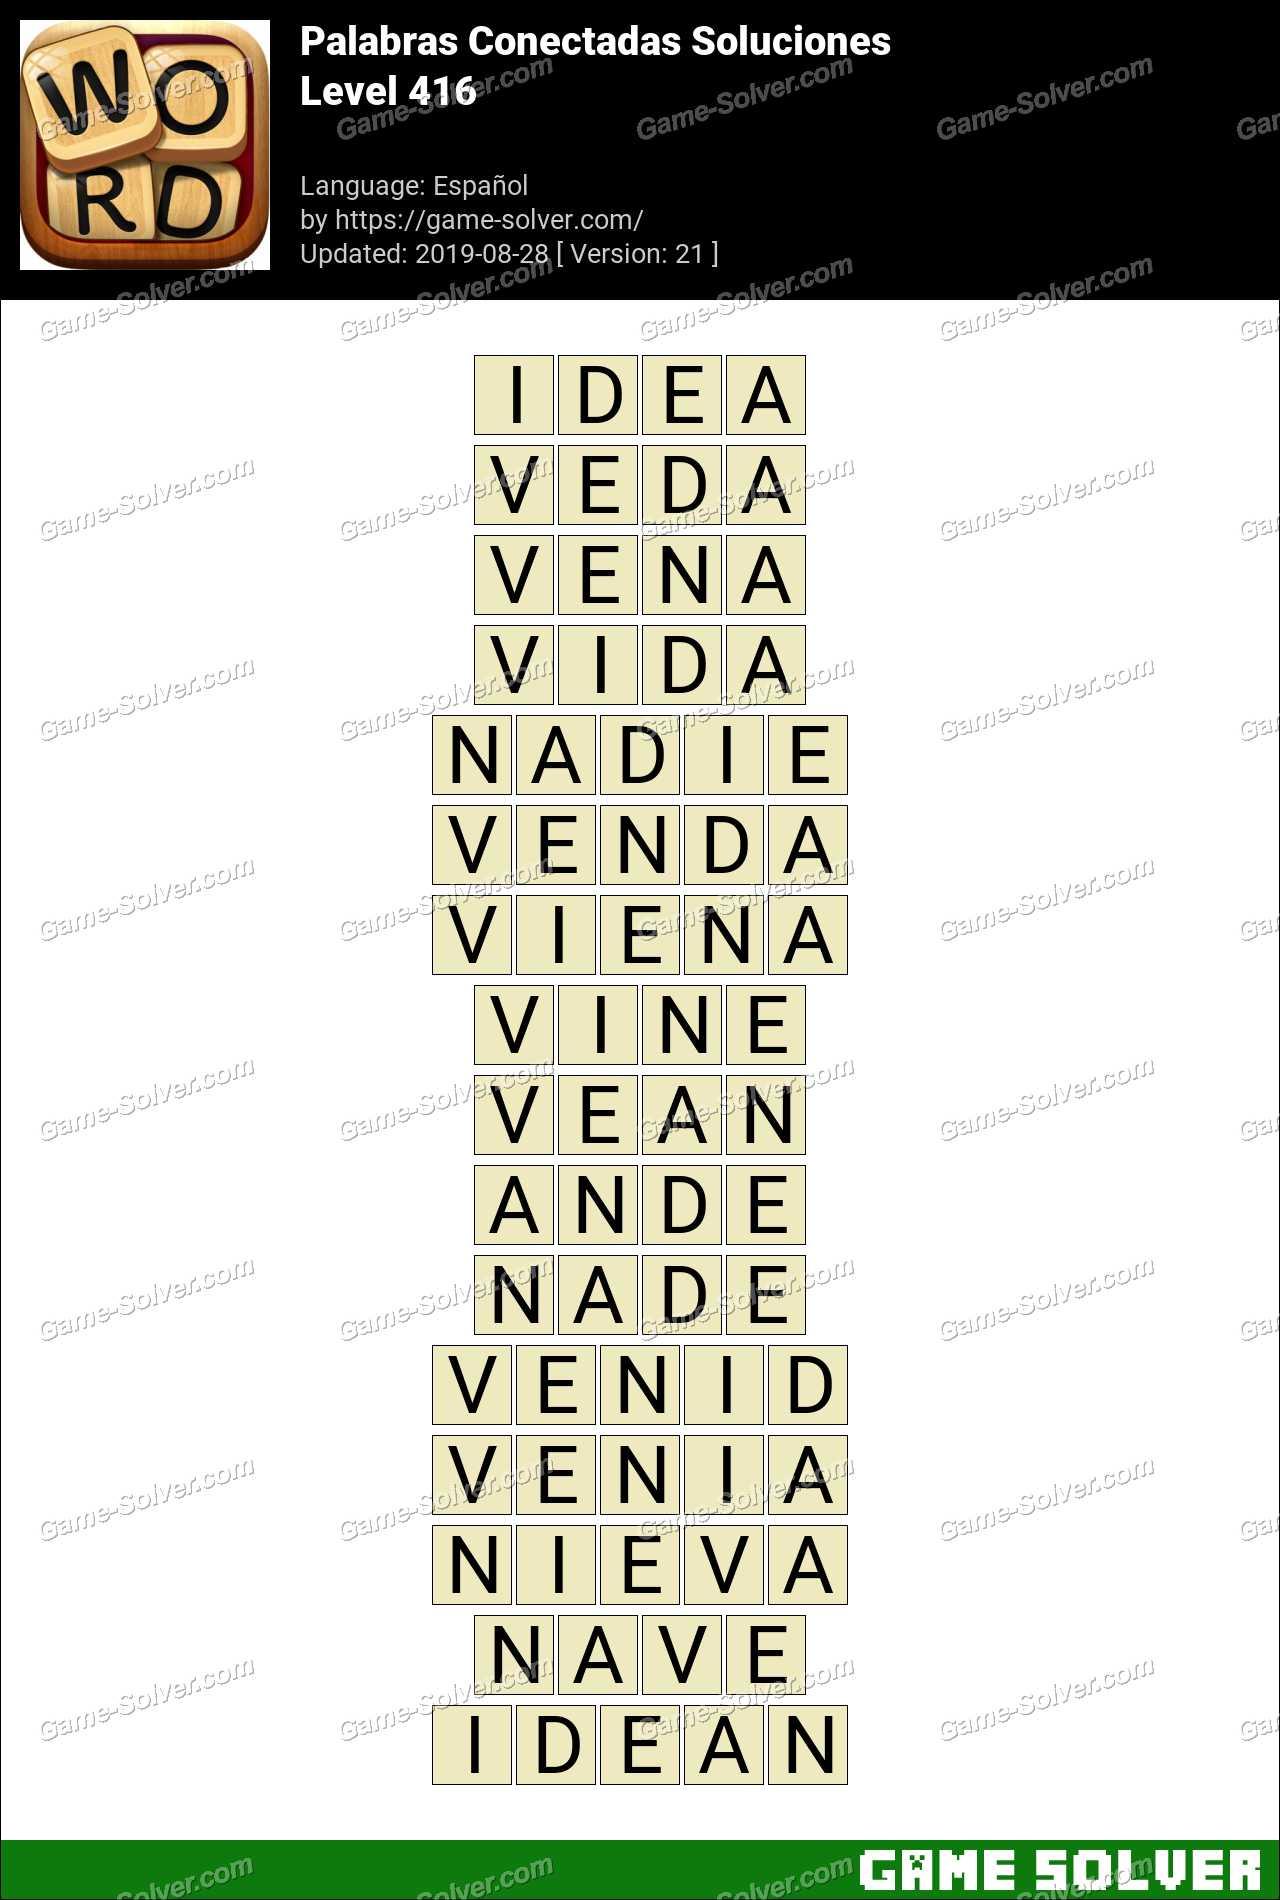 Palabras Conectadas Nivel 416 Soluciones